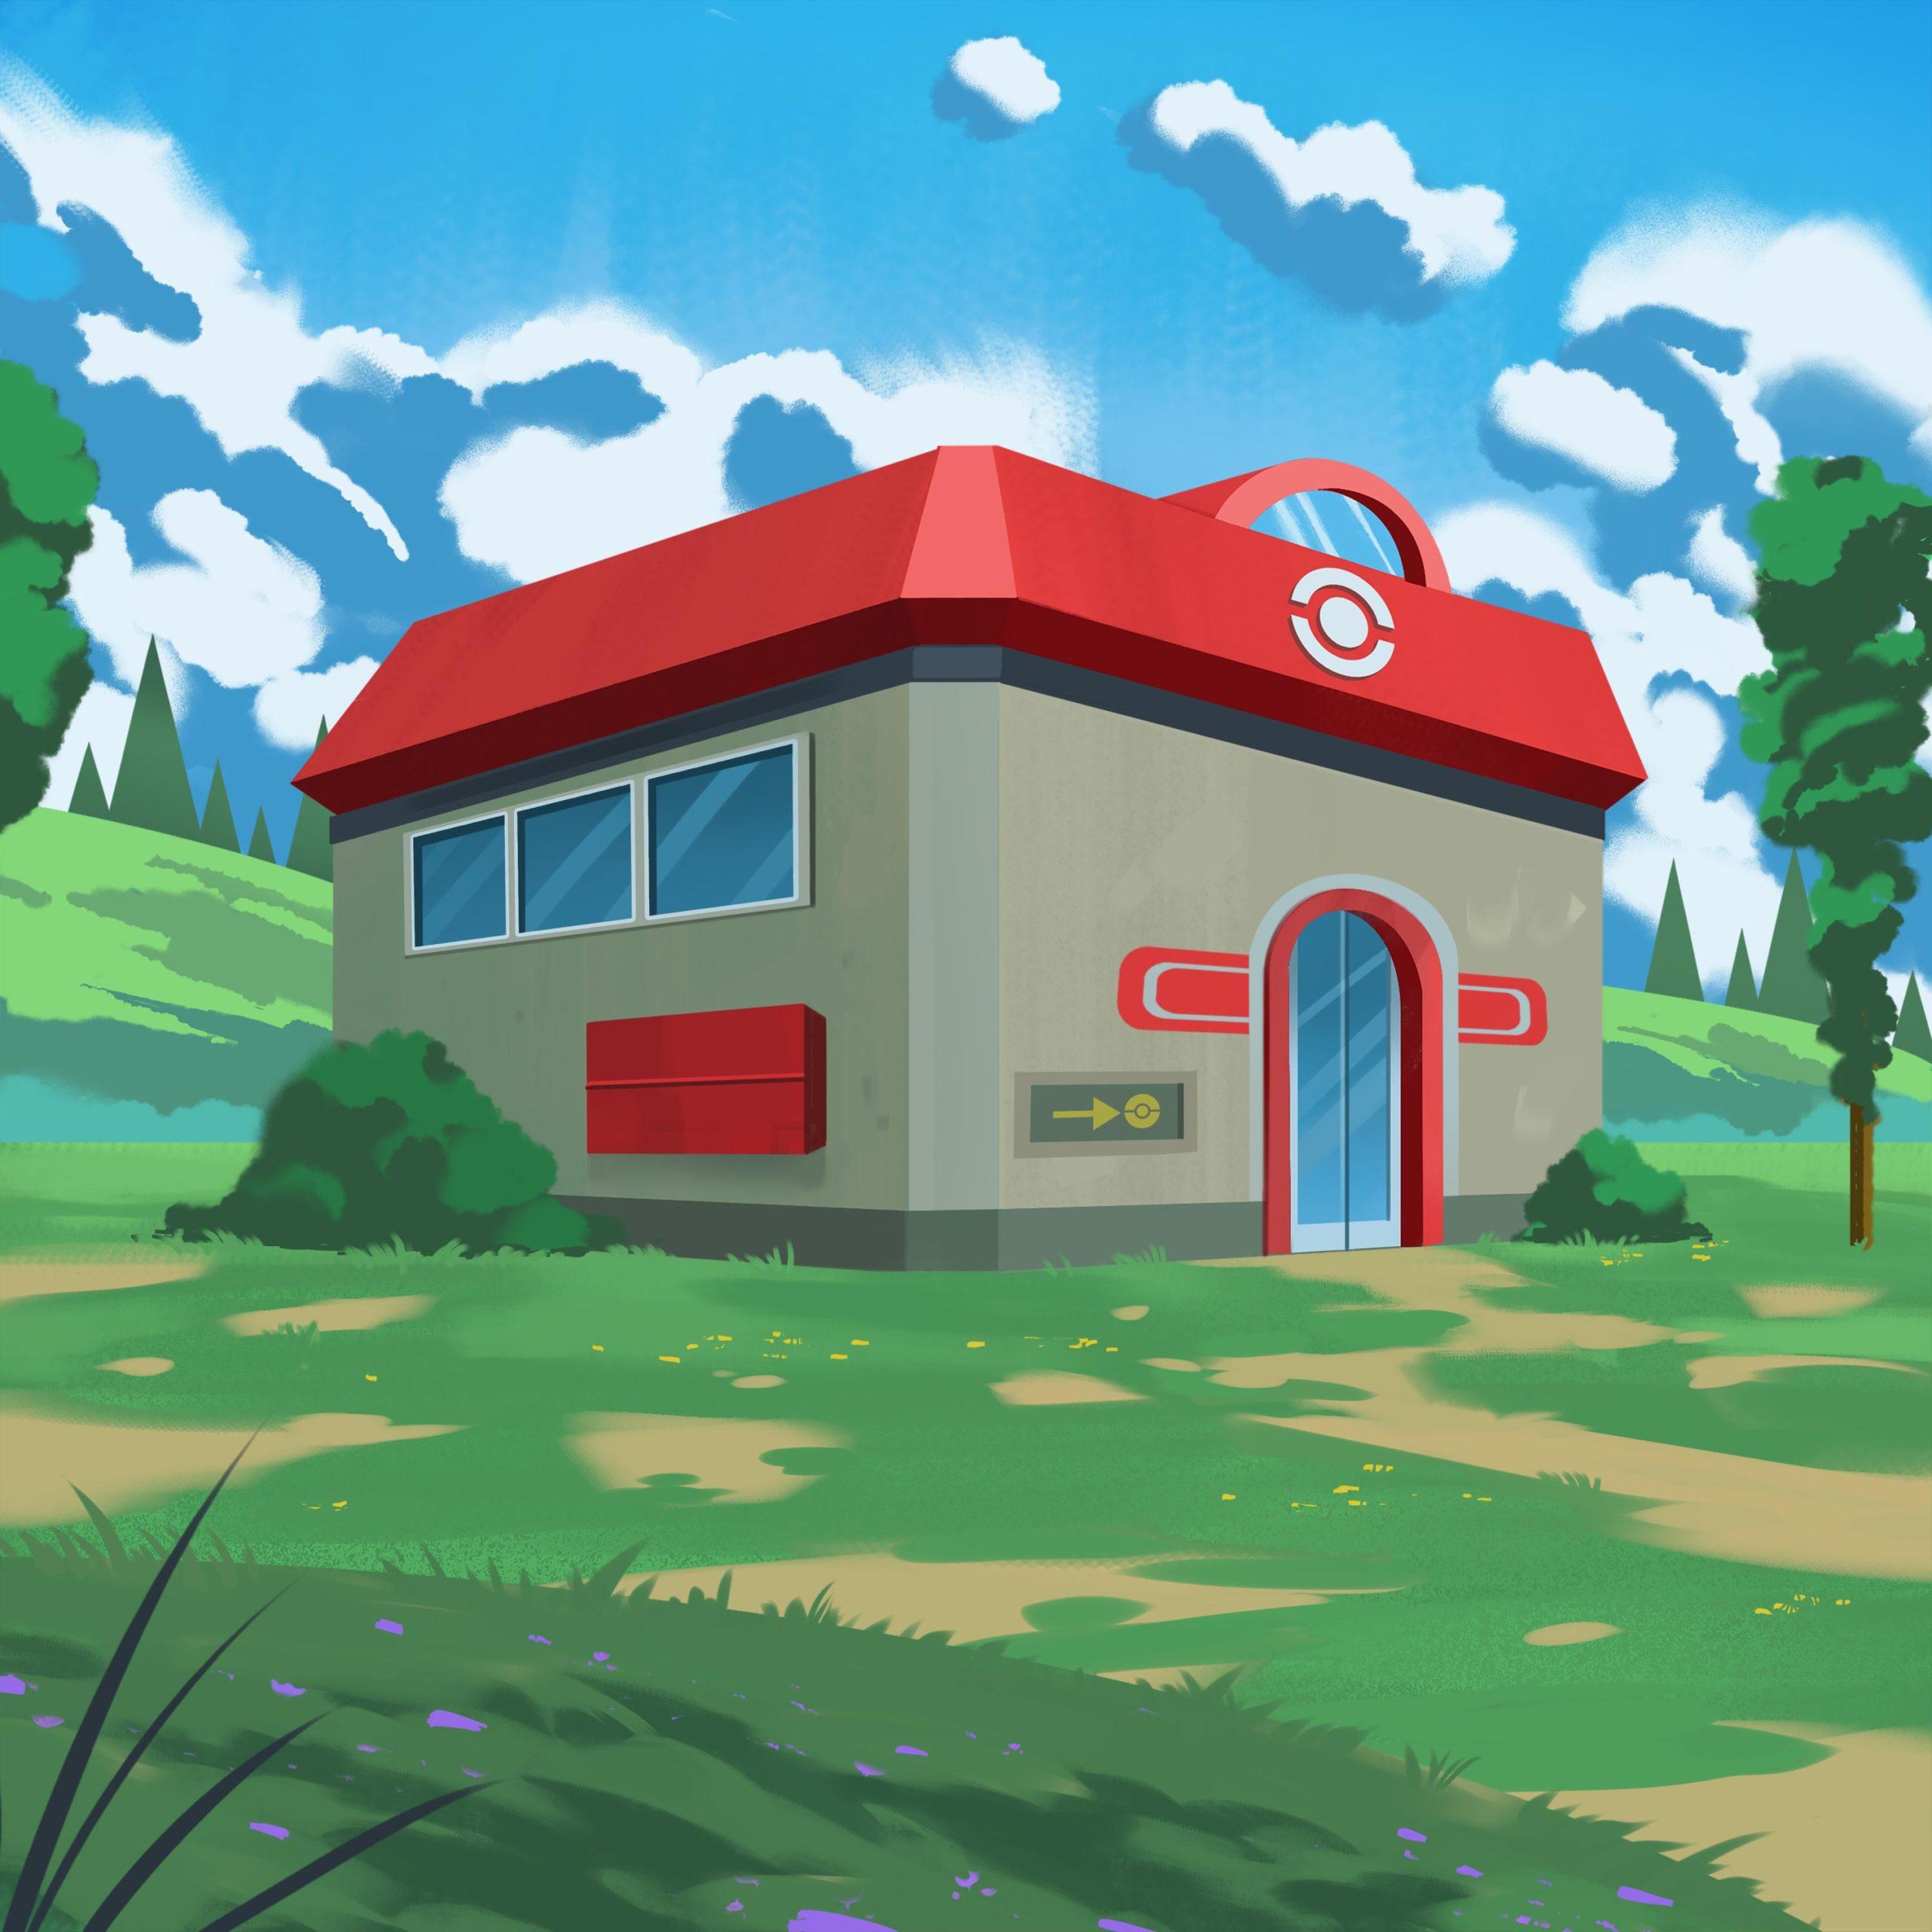 Pokémon Center – Tee Lopes